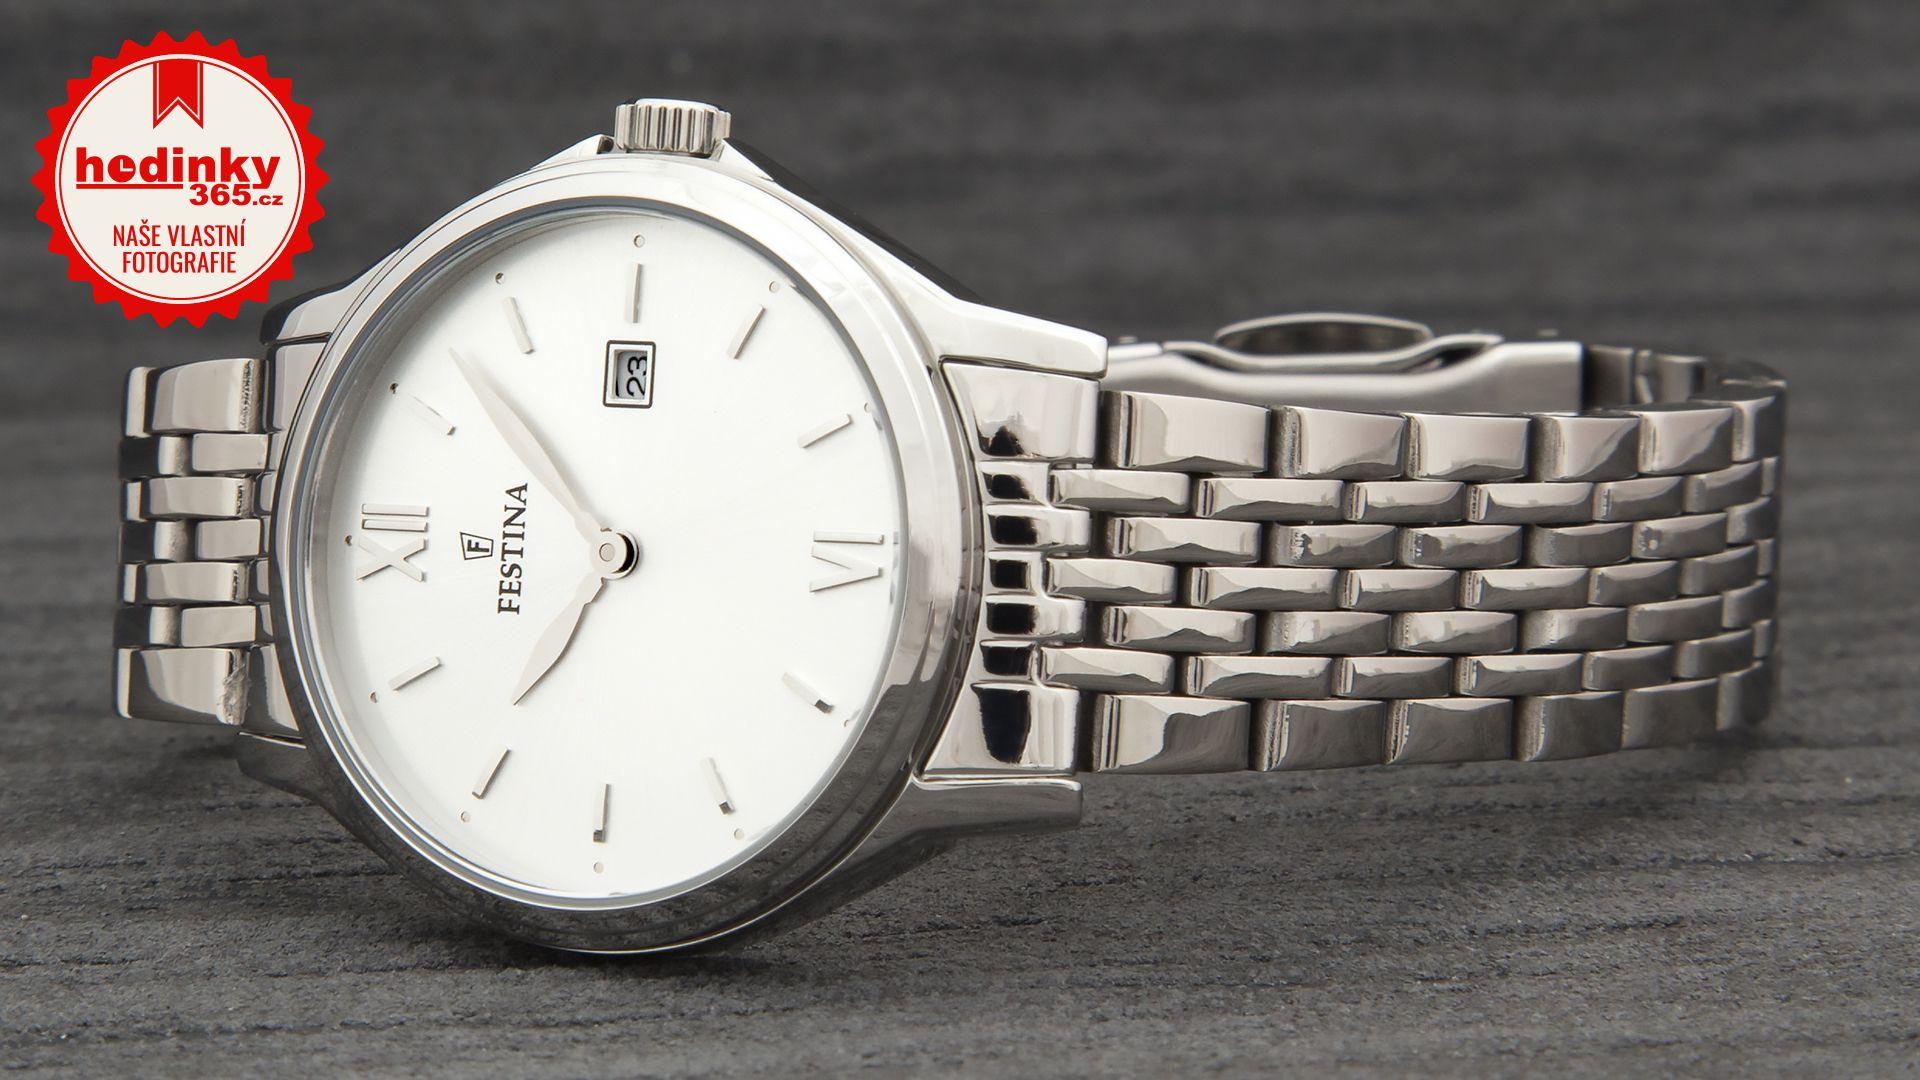 63083d1f7 Dámske hodinky - ocelový remienok, ocel puzdro, minerálne sklíčko. Všetky  technické parametre nájdete nižšie